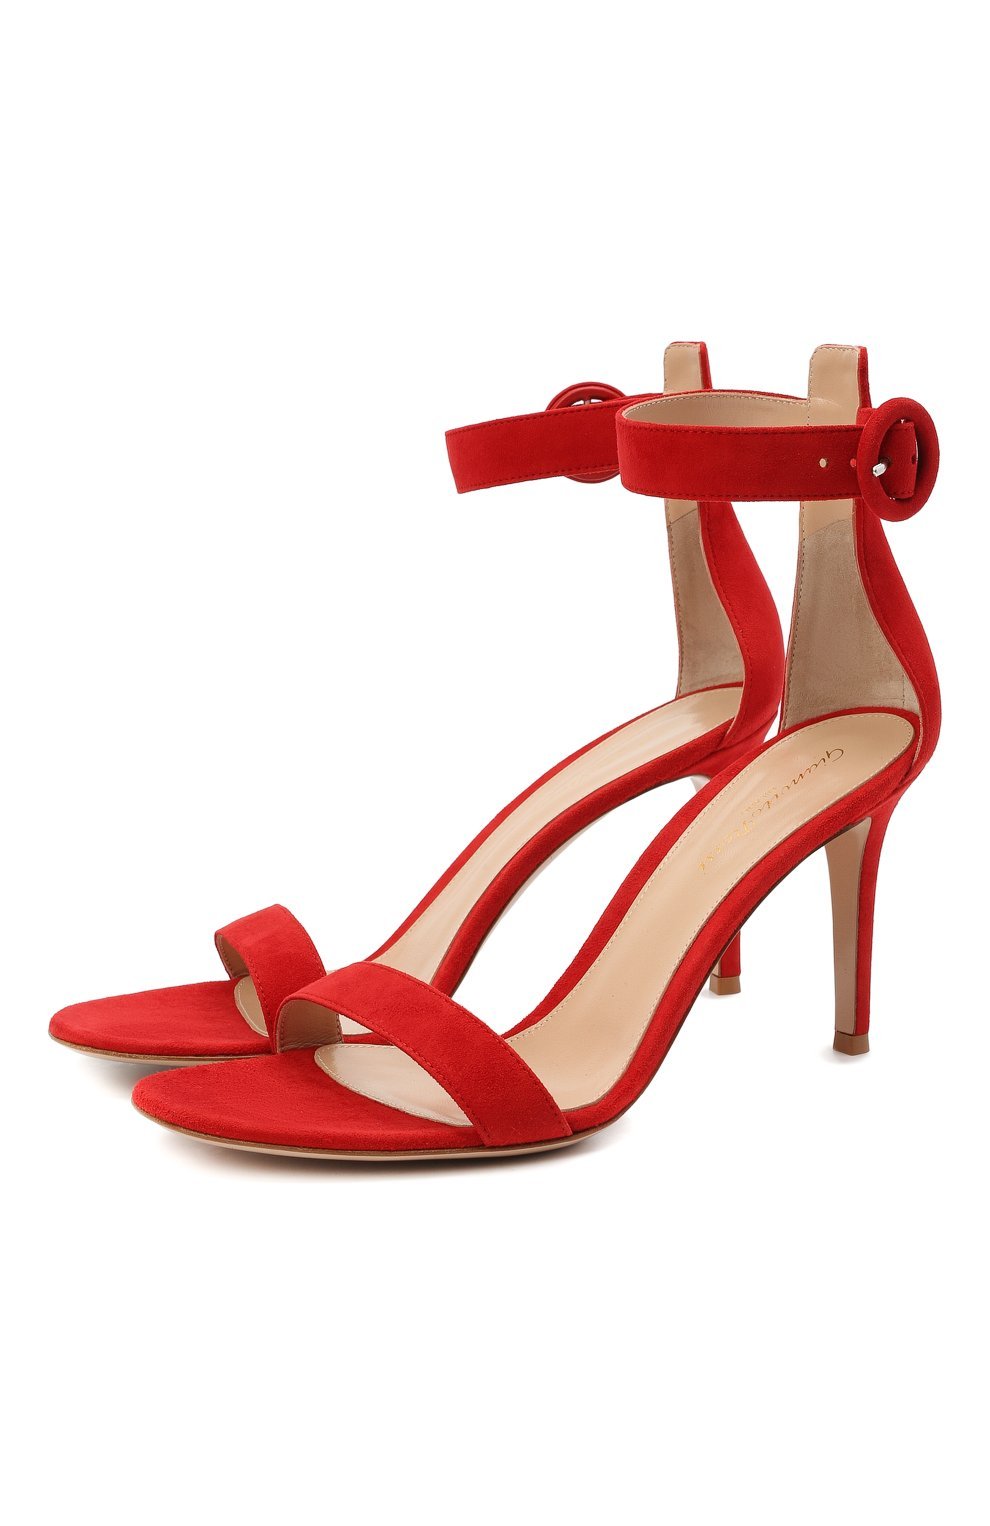 Женские замшевые босоножки portofino GIANVITO ROSSI красного цвета, арт. G60953.85RIC.CAMTABS | Фото 1 (Каблук высота: Высокий; Материал внутренний: Натуральная кожа; Каблук тип: Шпилька; Подошва: Плоская; Материал внешний: Замша)